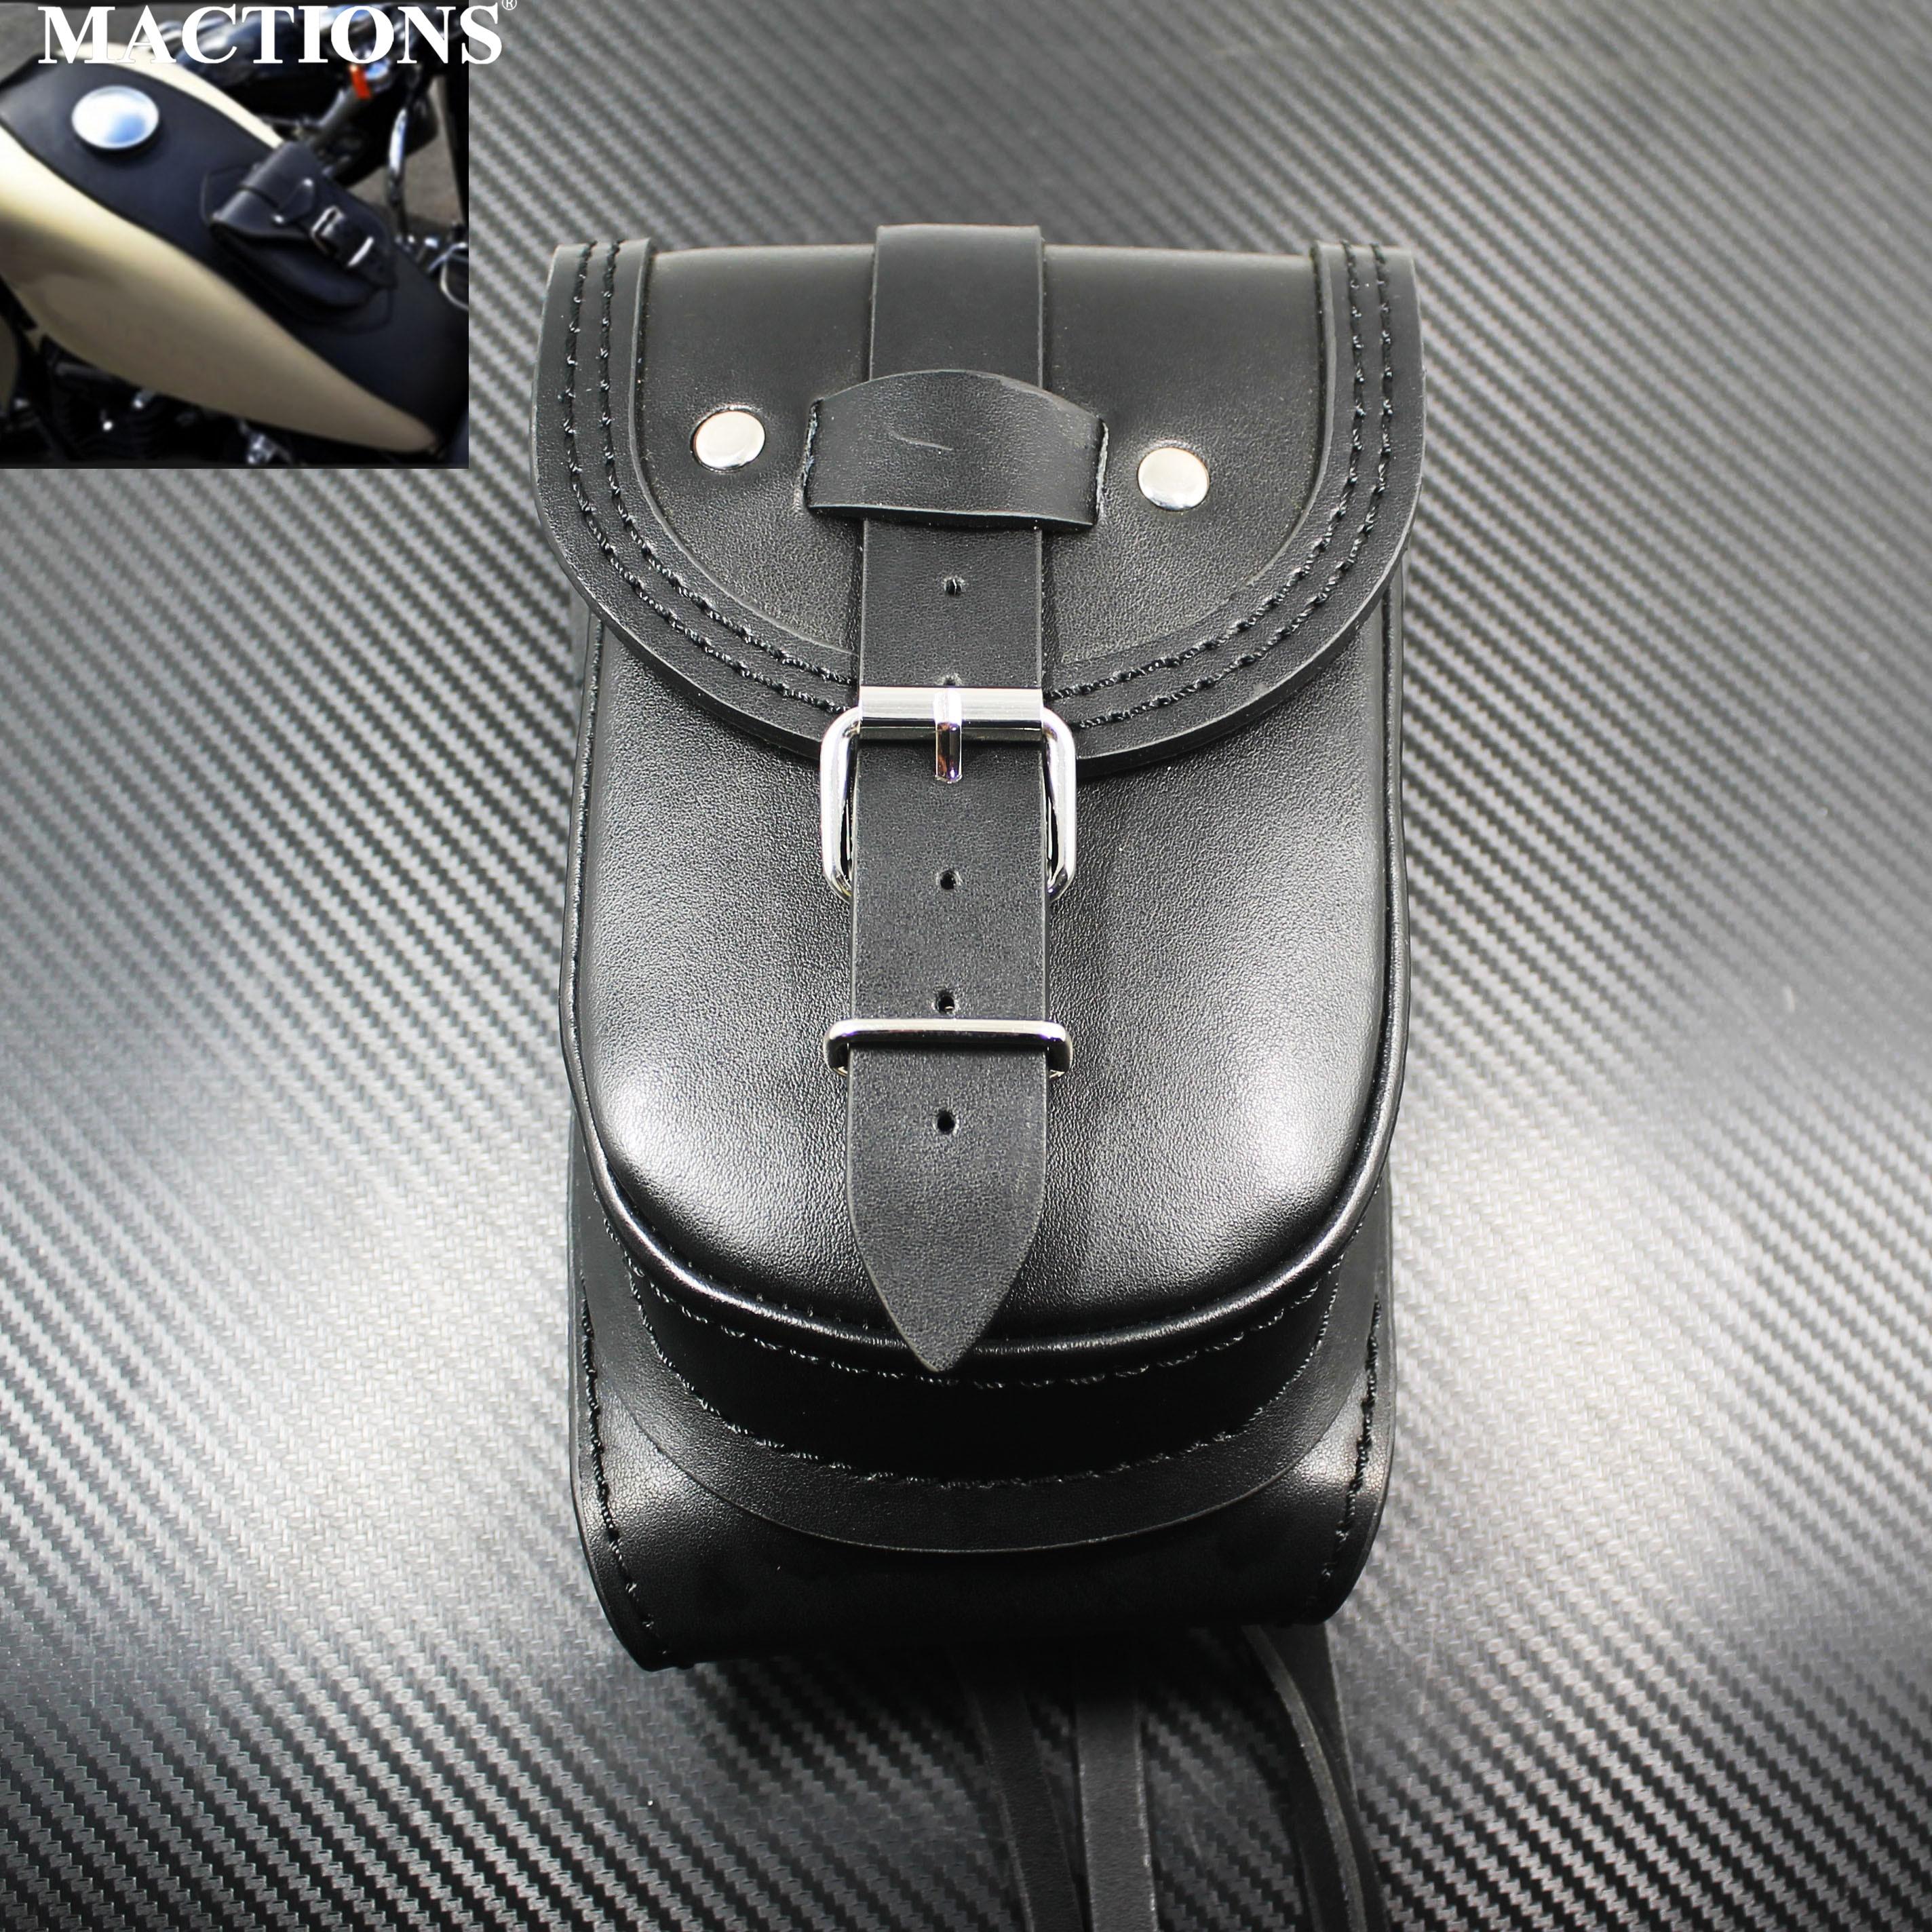 Мотоциклетная сумка для бензобака, мотоциклетный масляный инструмент для топлива, приборная консоль, Центральная сумка для бака, черная сумка для Harley Sportster XL 883 1200